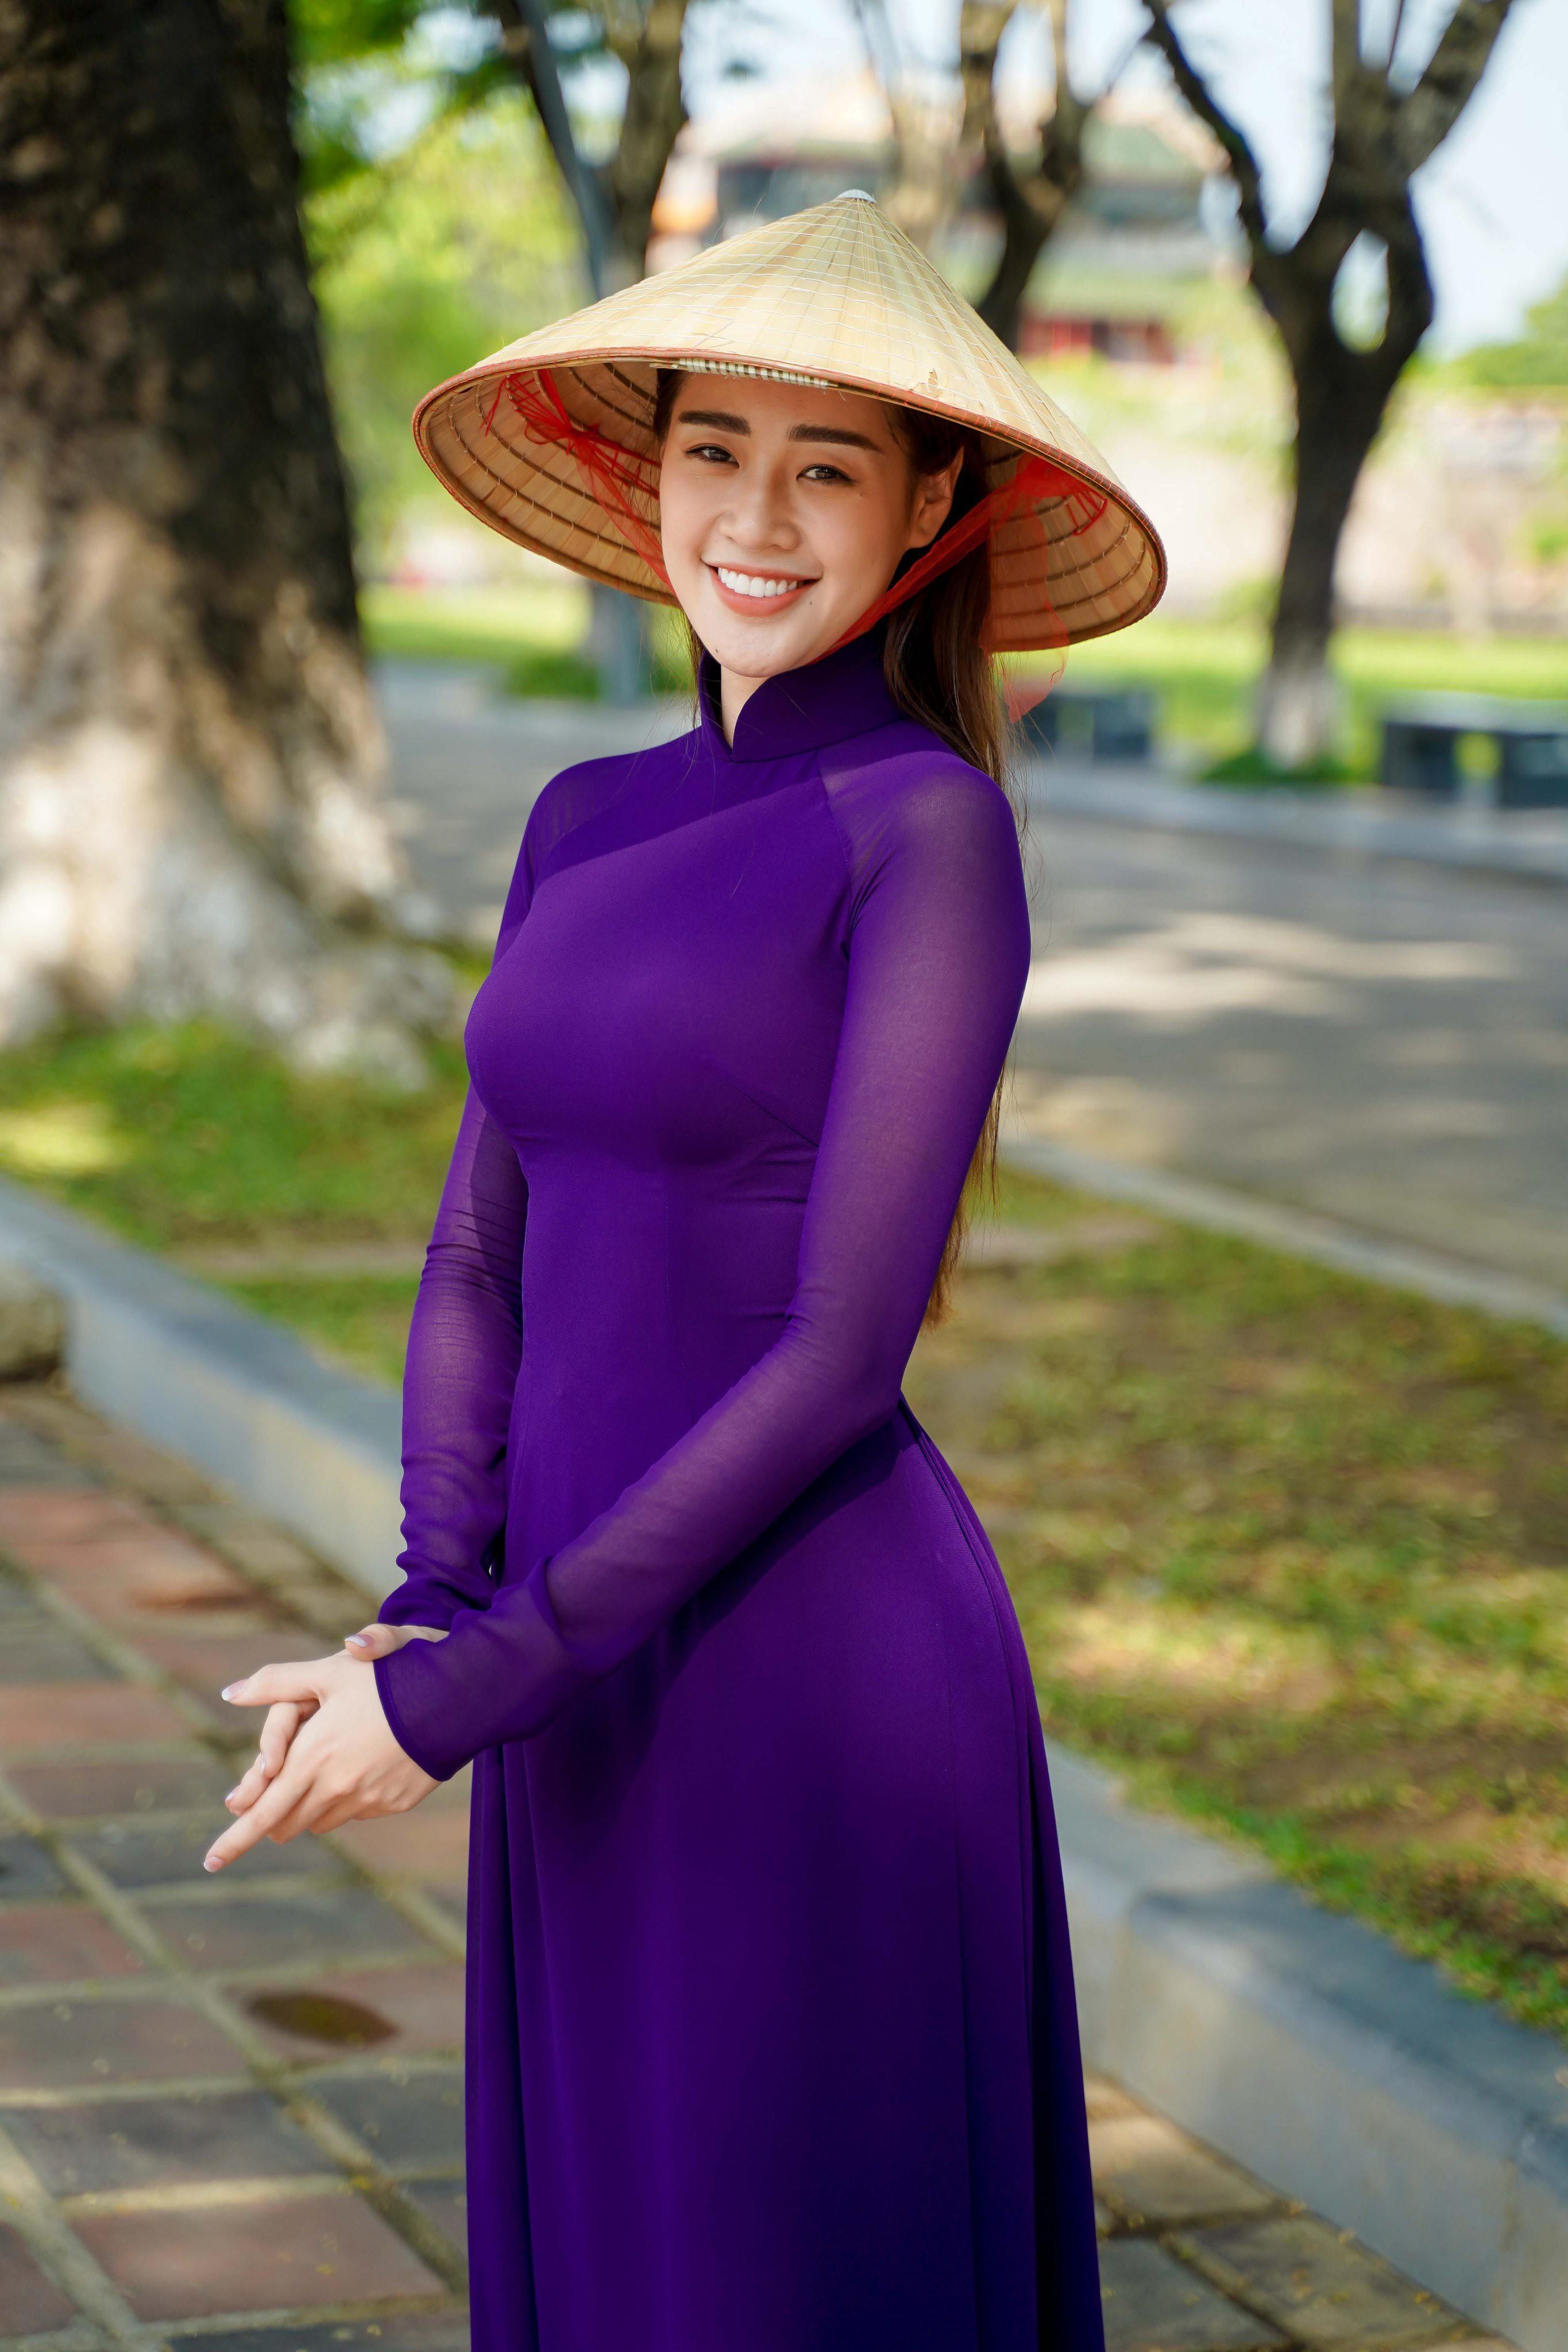 Hoa hậu Khánh Vân diện áo dài tím hóa thành cô gái xứ Huế Ảnh 2